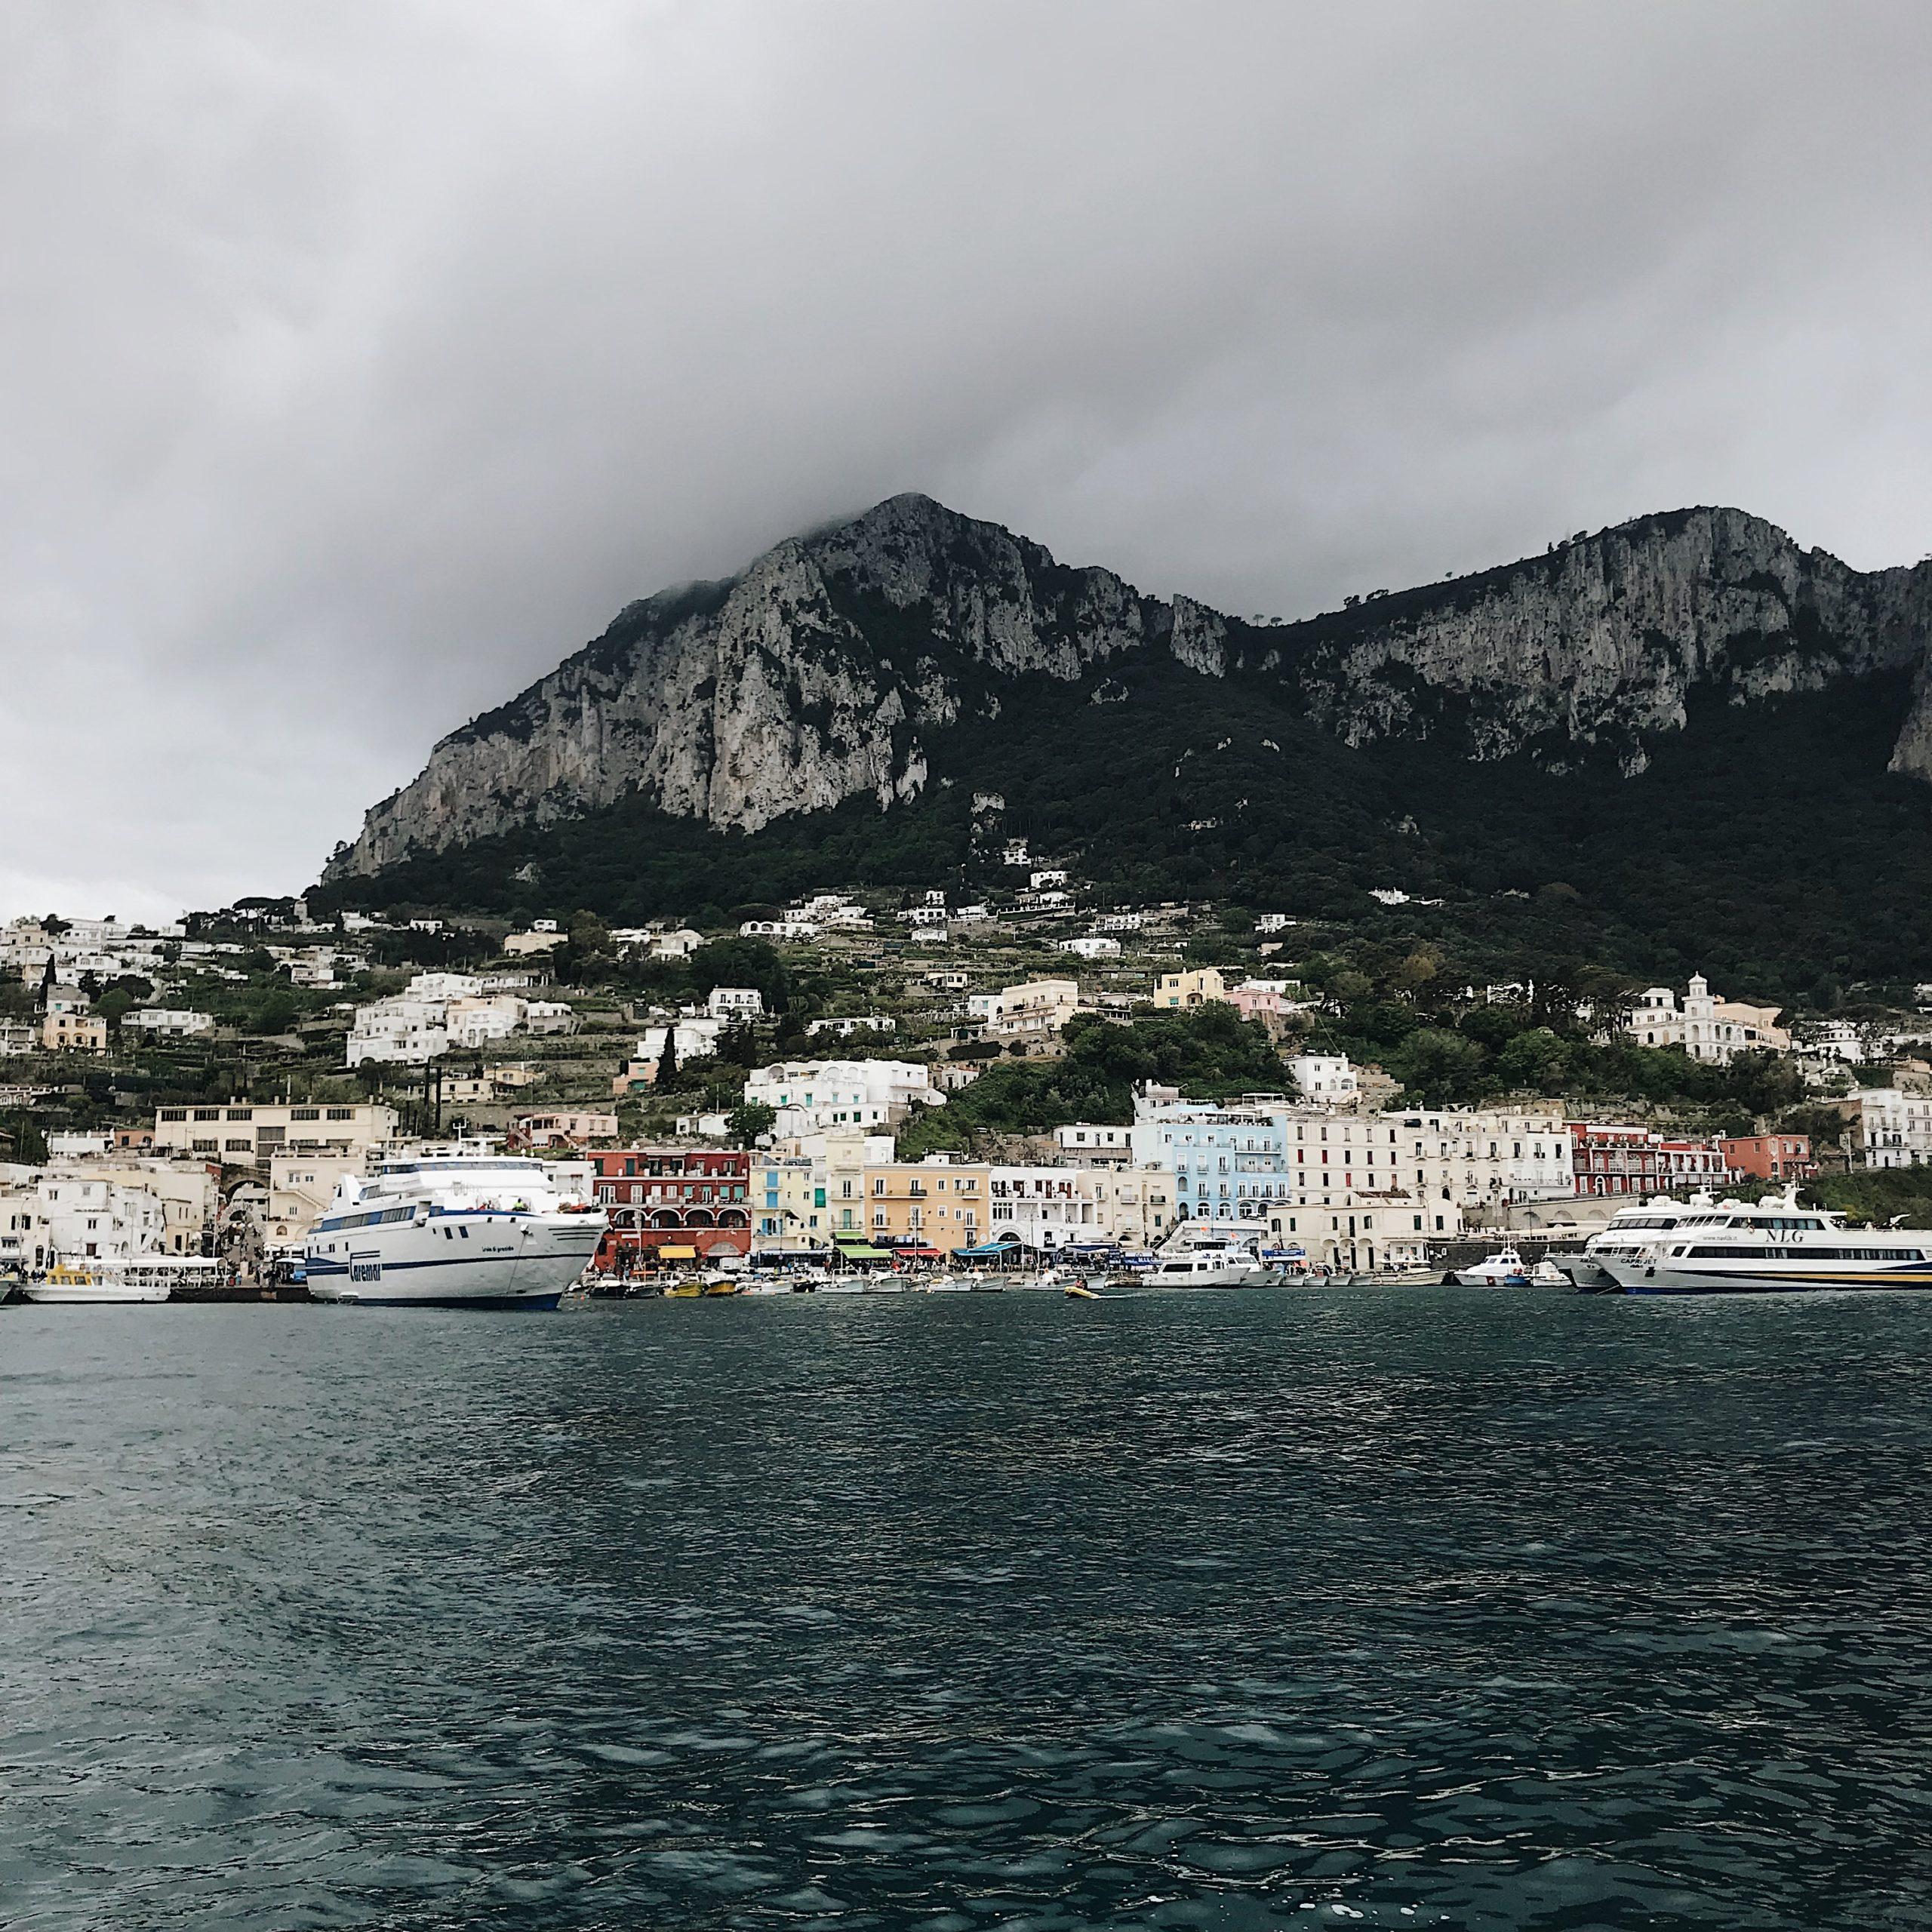 Vue sur l'île - Capri